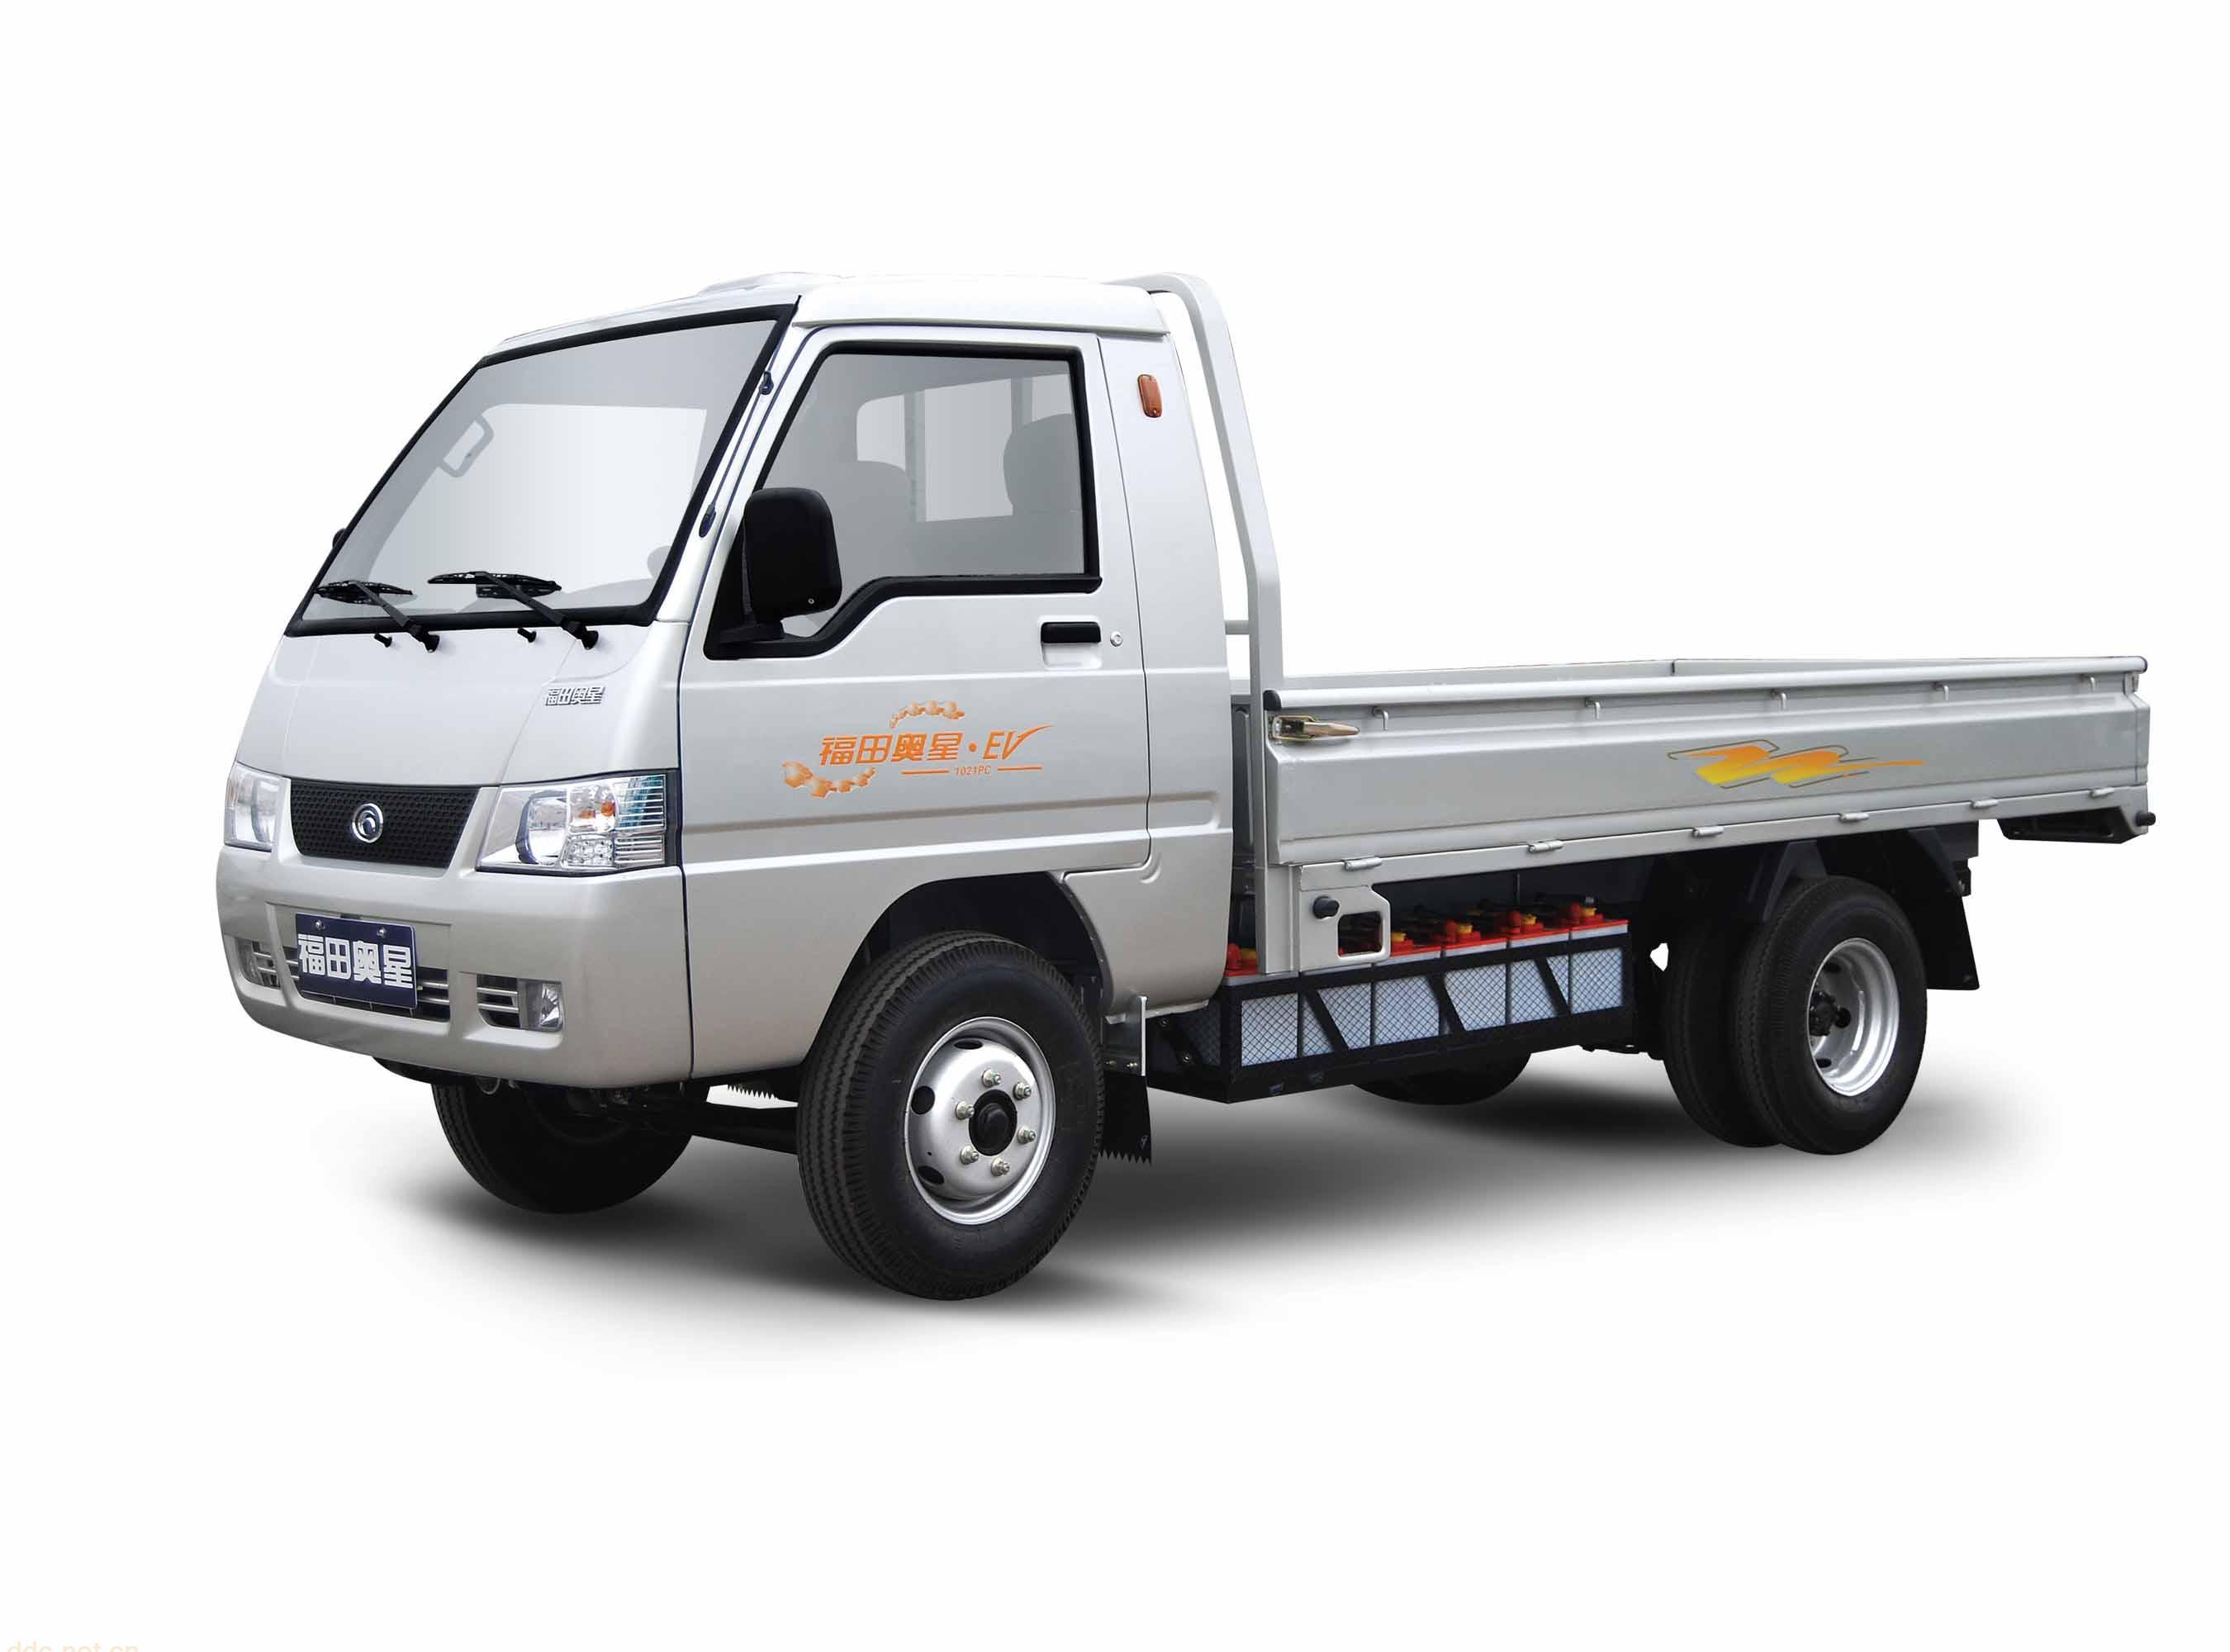 福田 2t 电动货车 诸城雷沃科技有限公司